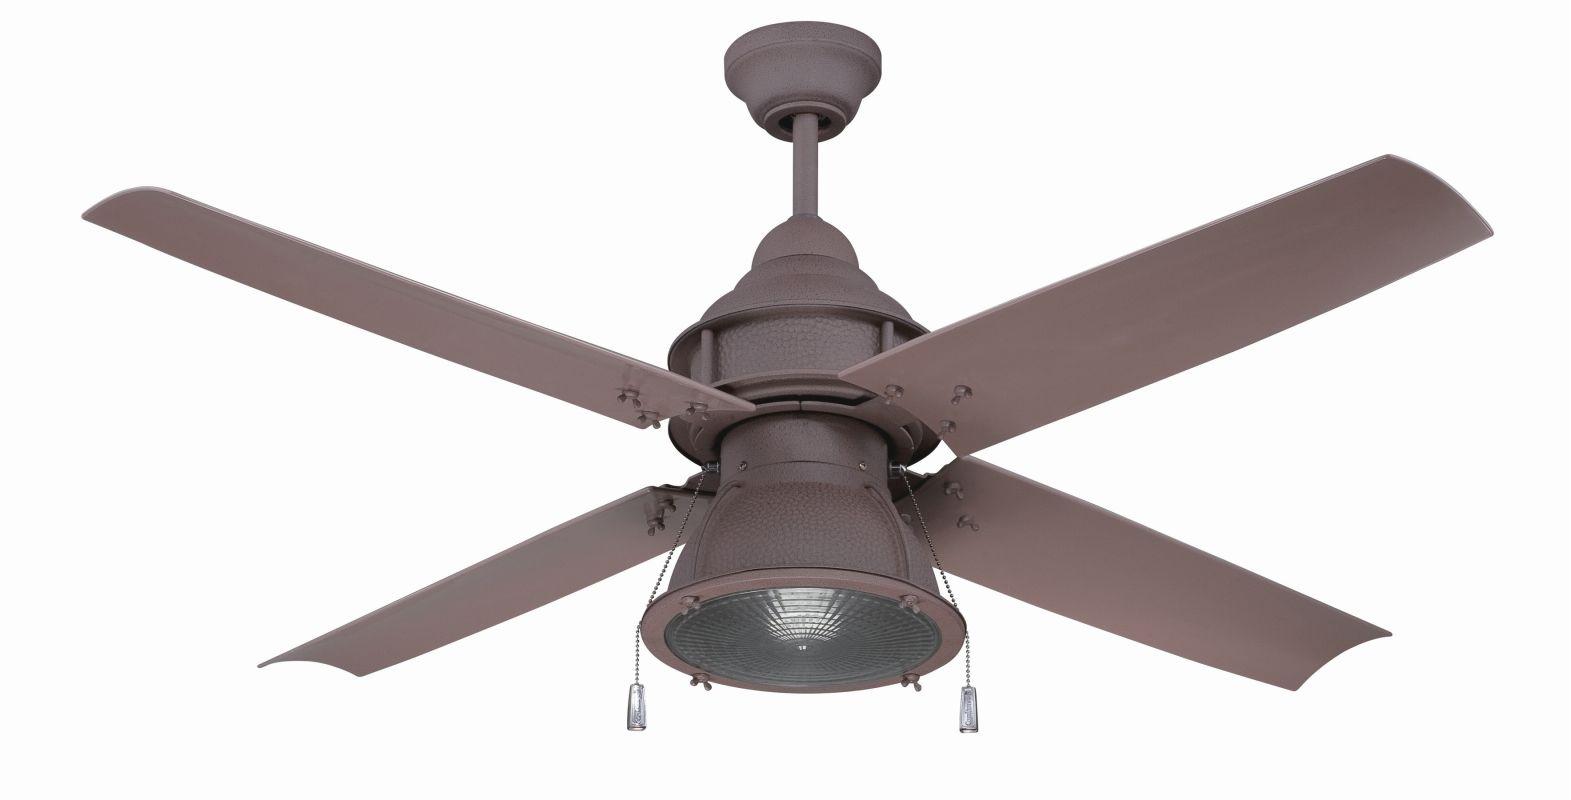 """Craftmade PAR524 Port Arbor 52"""" 4 Blade Outdoor Ceiling Fan - Blades"""